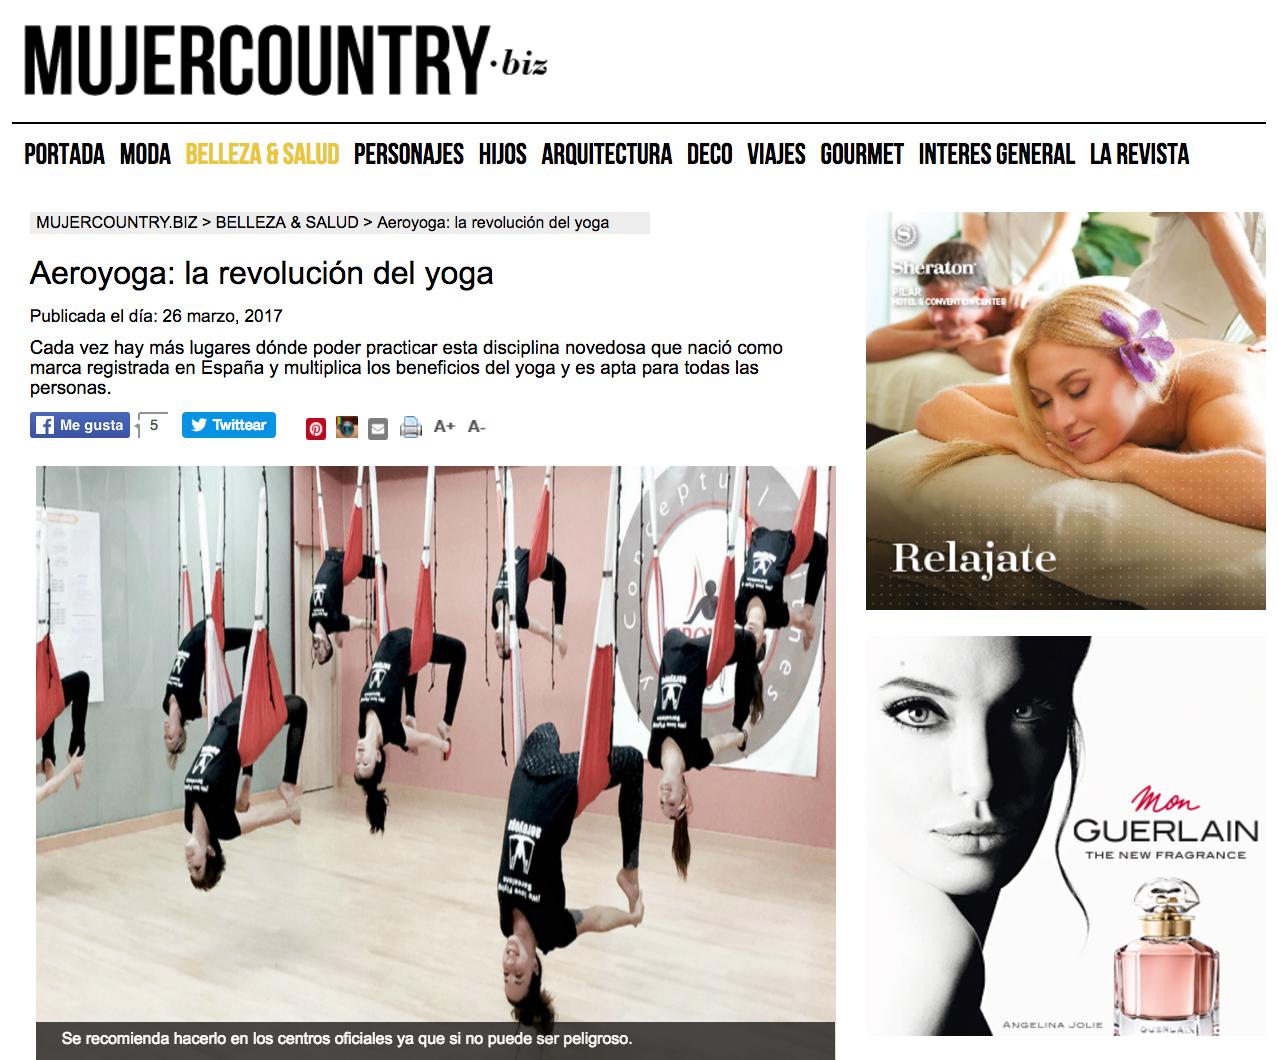 «Aeroyoga: la revolución del yoga» esta semana en Mujer Country Magazine.